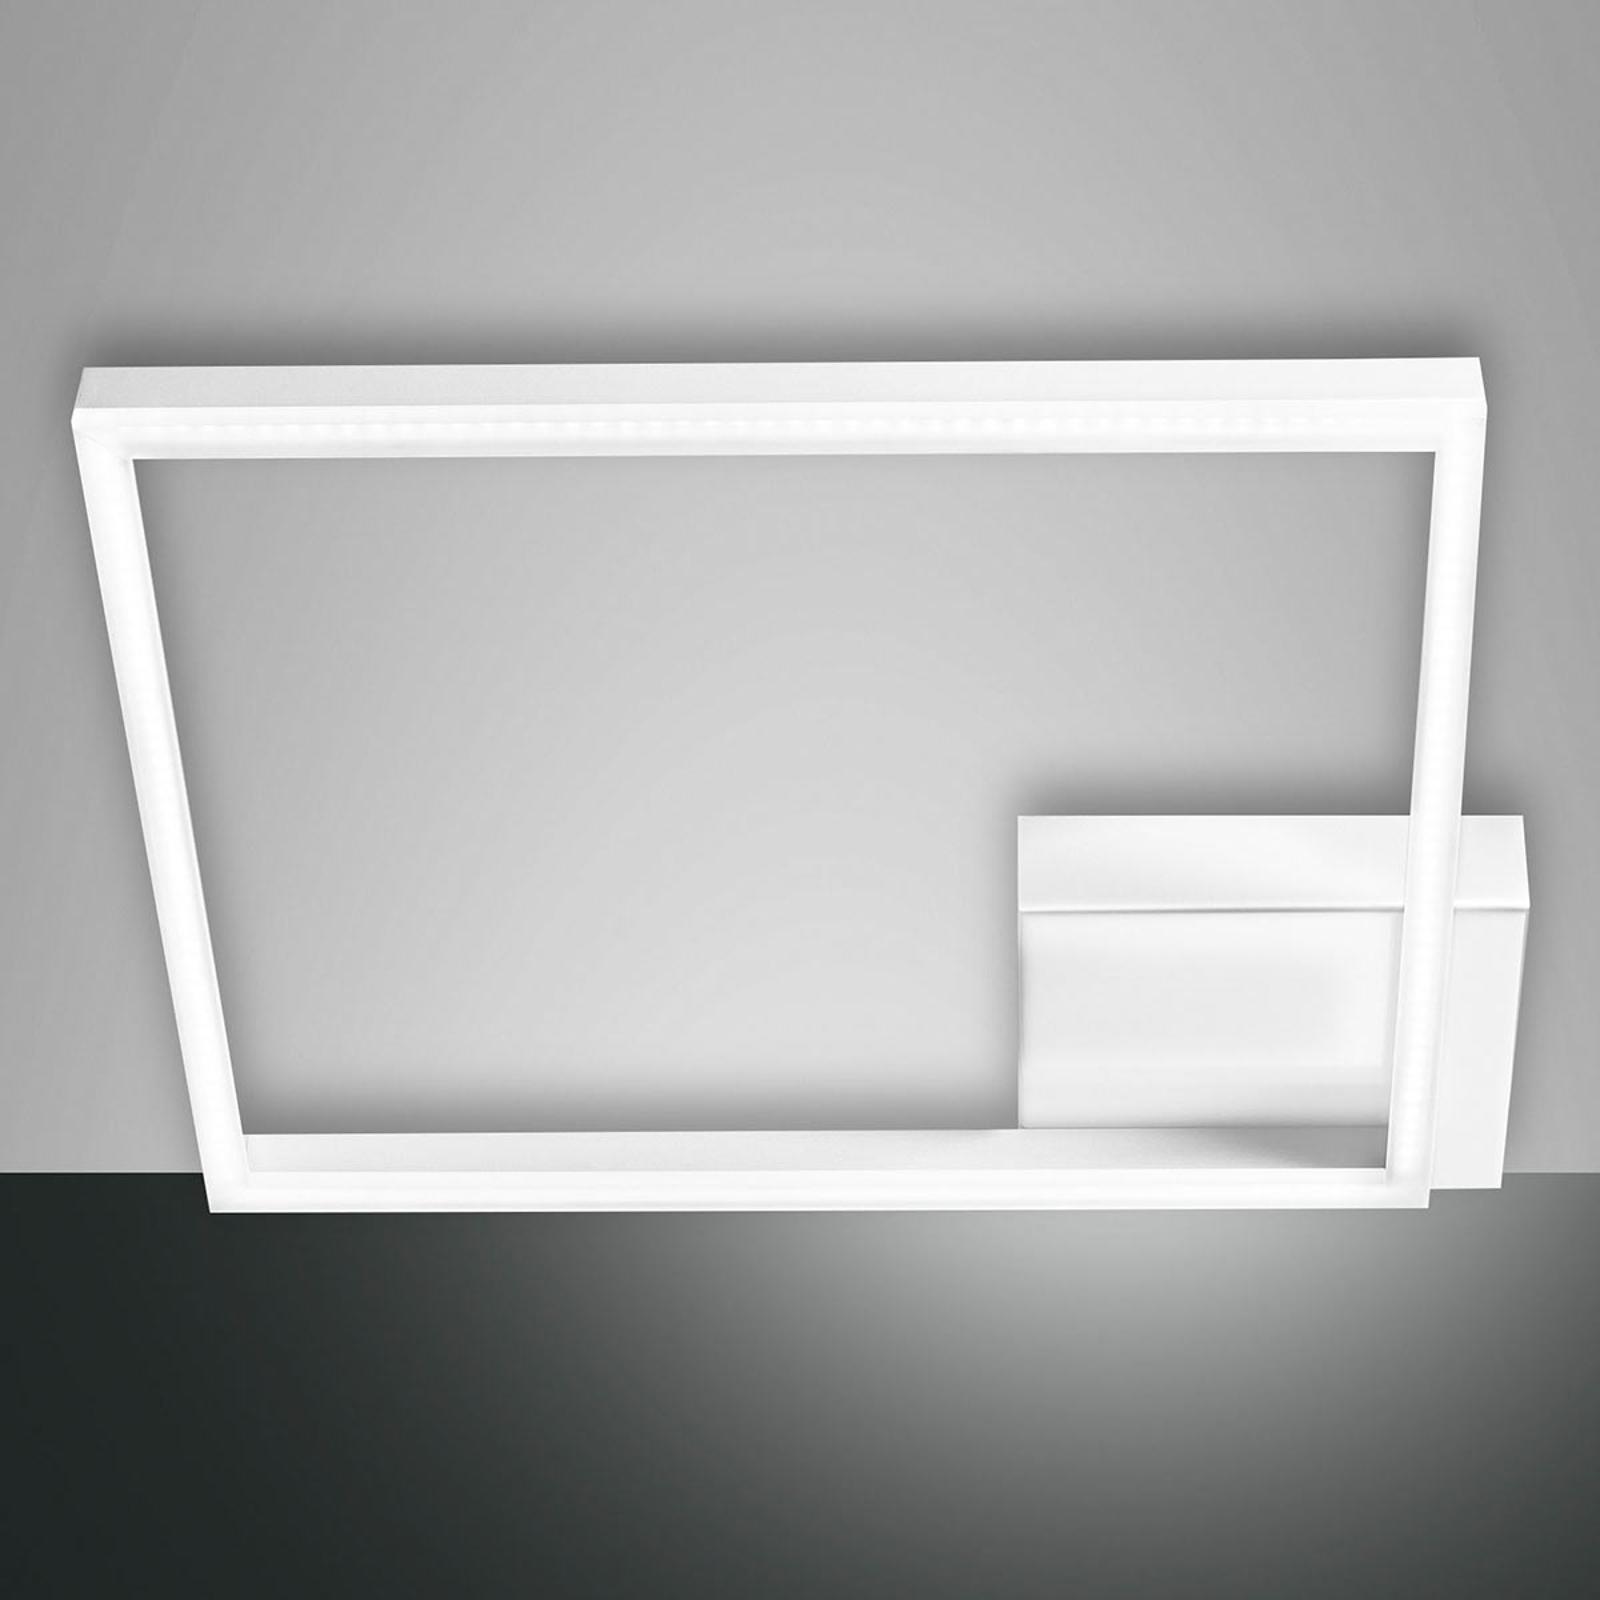 Kvadratisk LED-taklampe Bard,1 lyskilde